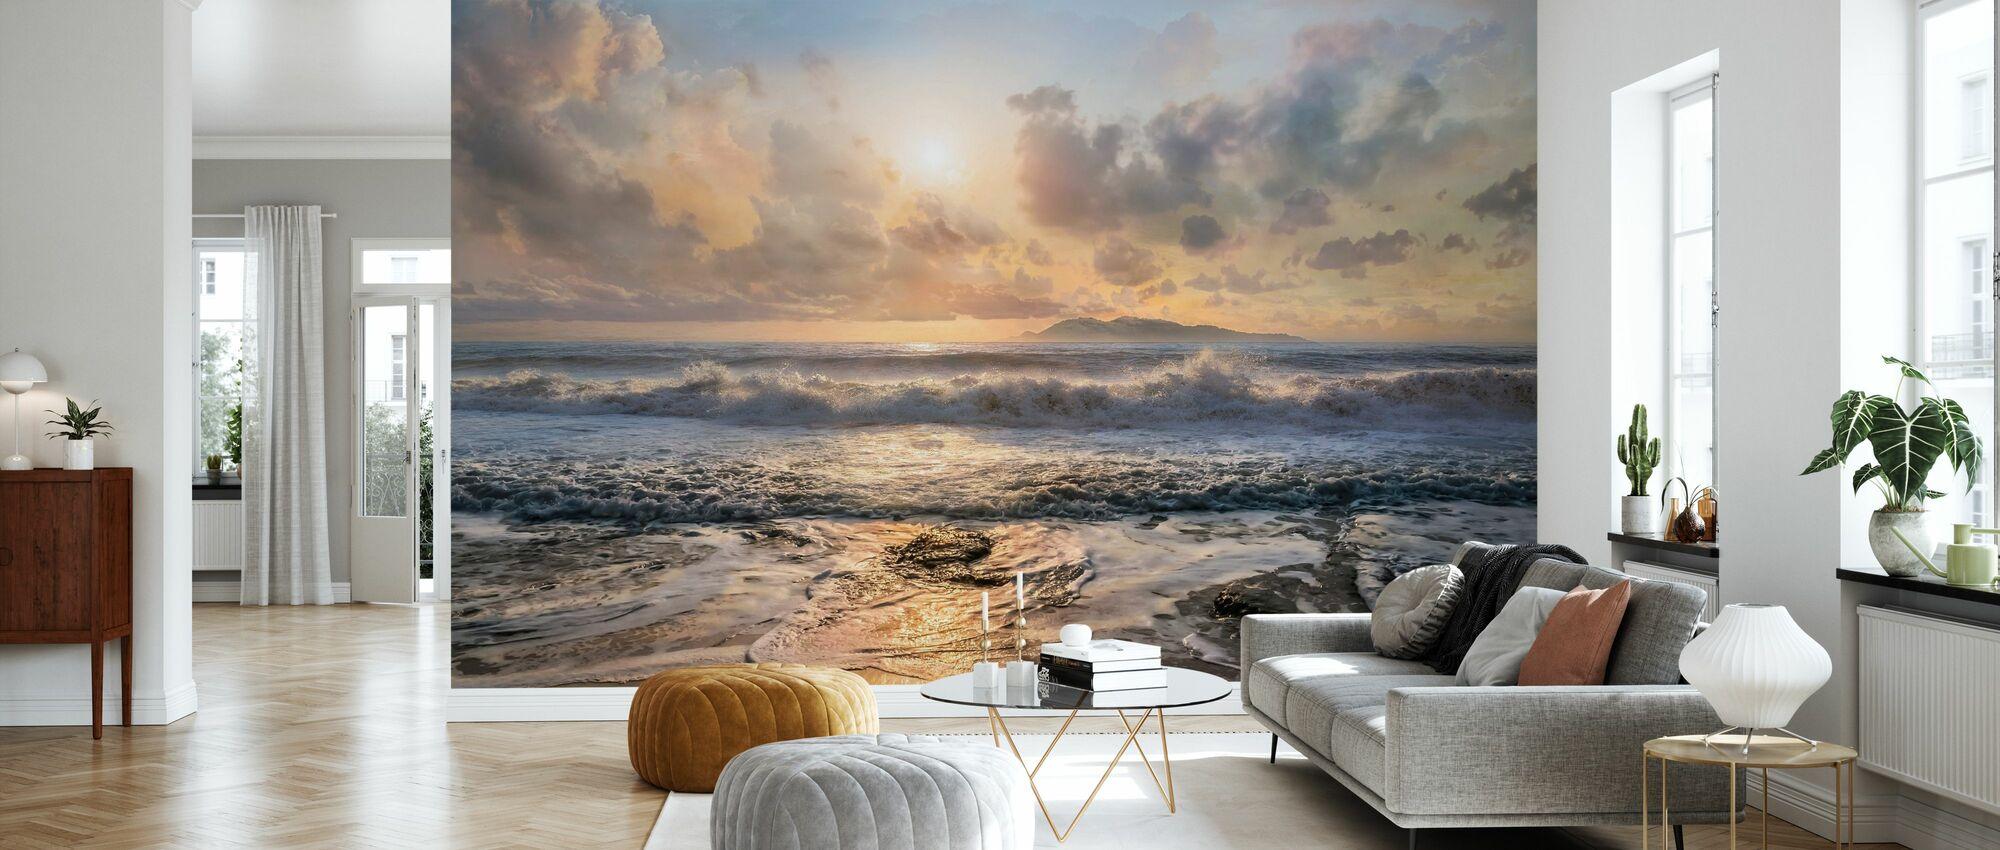 Sliver - Wallpaper - Living Room